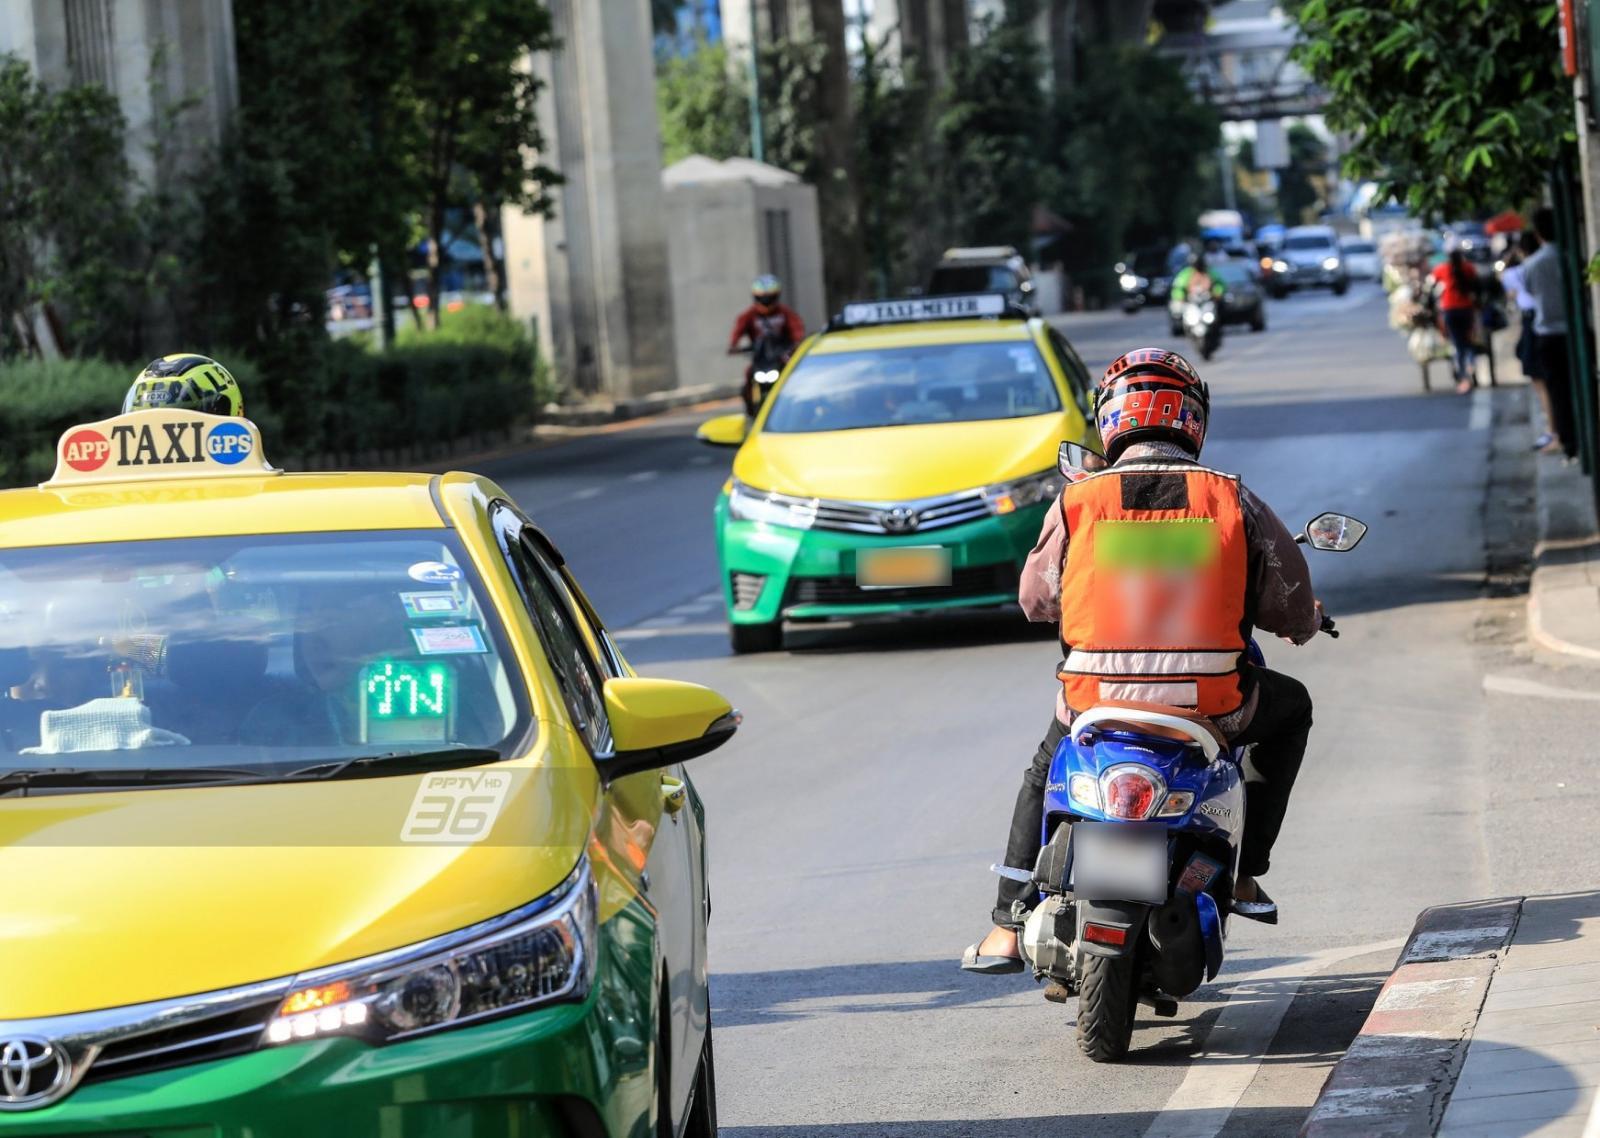 เปิดภาพตลอด 1 เดือน ปัญหา 'ขี่รถย้อนศร' 5 จุดหลักกรุงเทพฯ-ปทุมธานี ยังไม่เปลี่ยน!